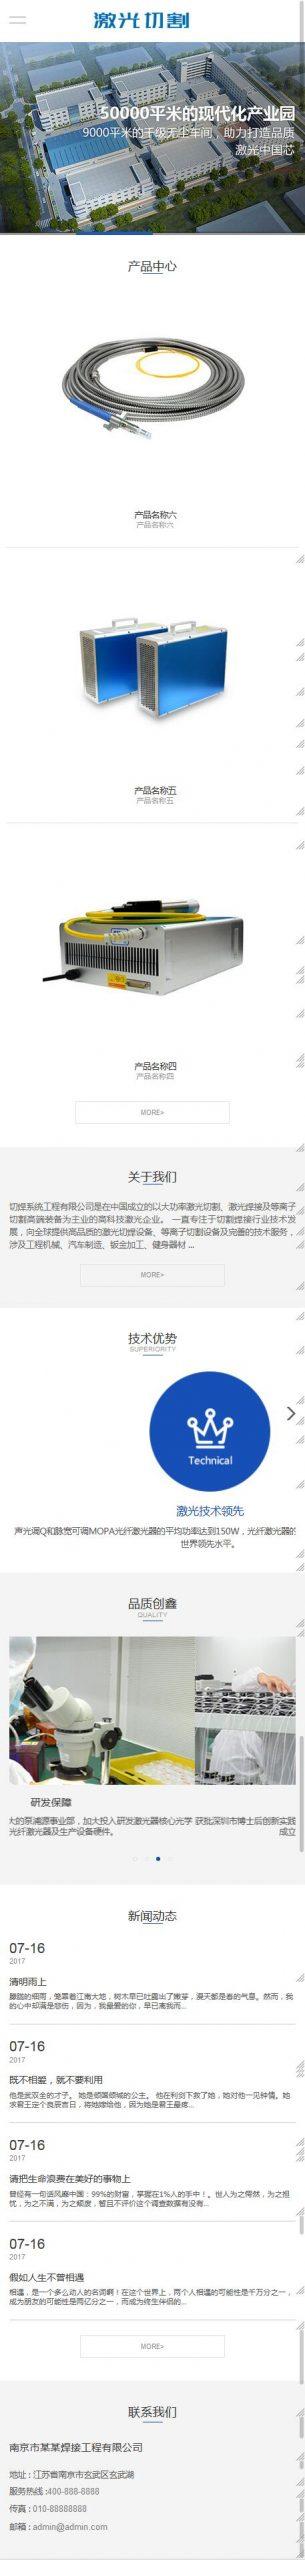 亲测丨织梦dede cms营销型激光切割焊接钣金加工机电机械企业网站模板 带手机版